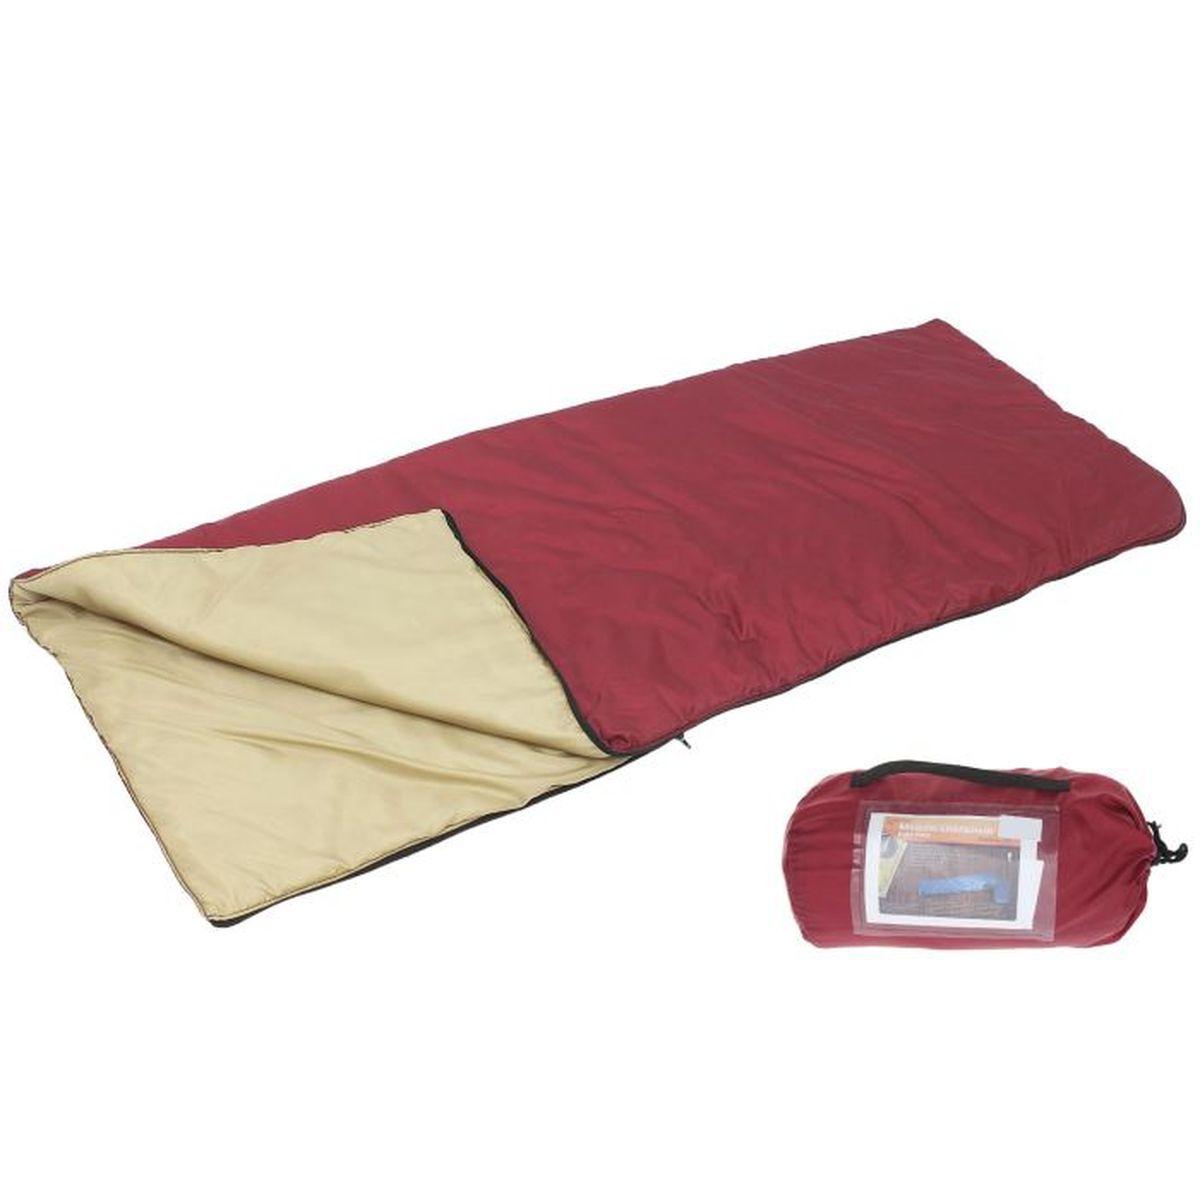 Спальный мешок Onlitop, цвет: красный, бежевый, правосторонняя молния1313769Комфортный, просторный и очень теплый 3-х сезонный спальник предназначен для походов и для отдыха на природе не только в летнее время, но и в прохладные дни весенне-осеннего периода. В теплое время спальный мешок можно использовать как одеяло (в том числе и дома).Что взять с собой в поход?. Статья OZON Гид